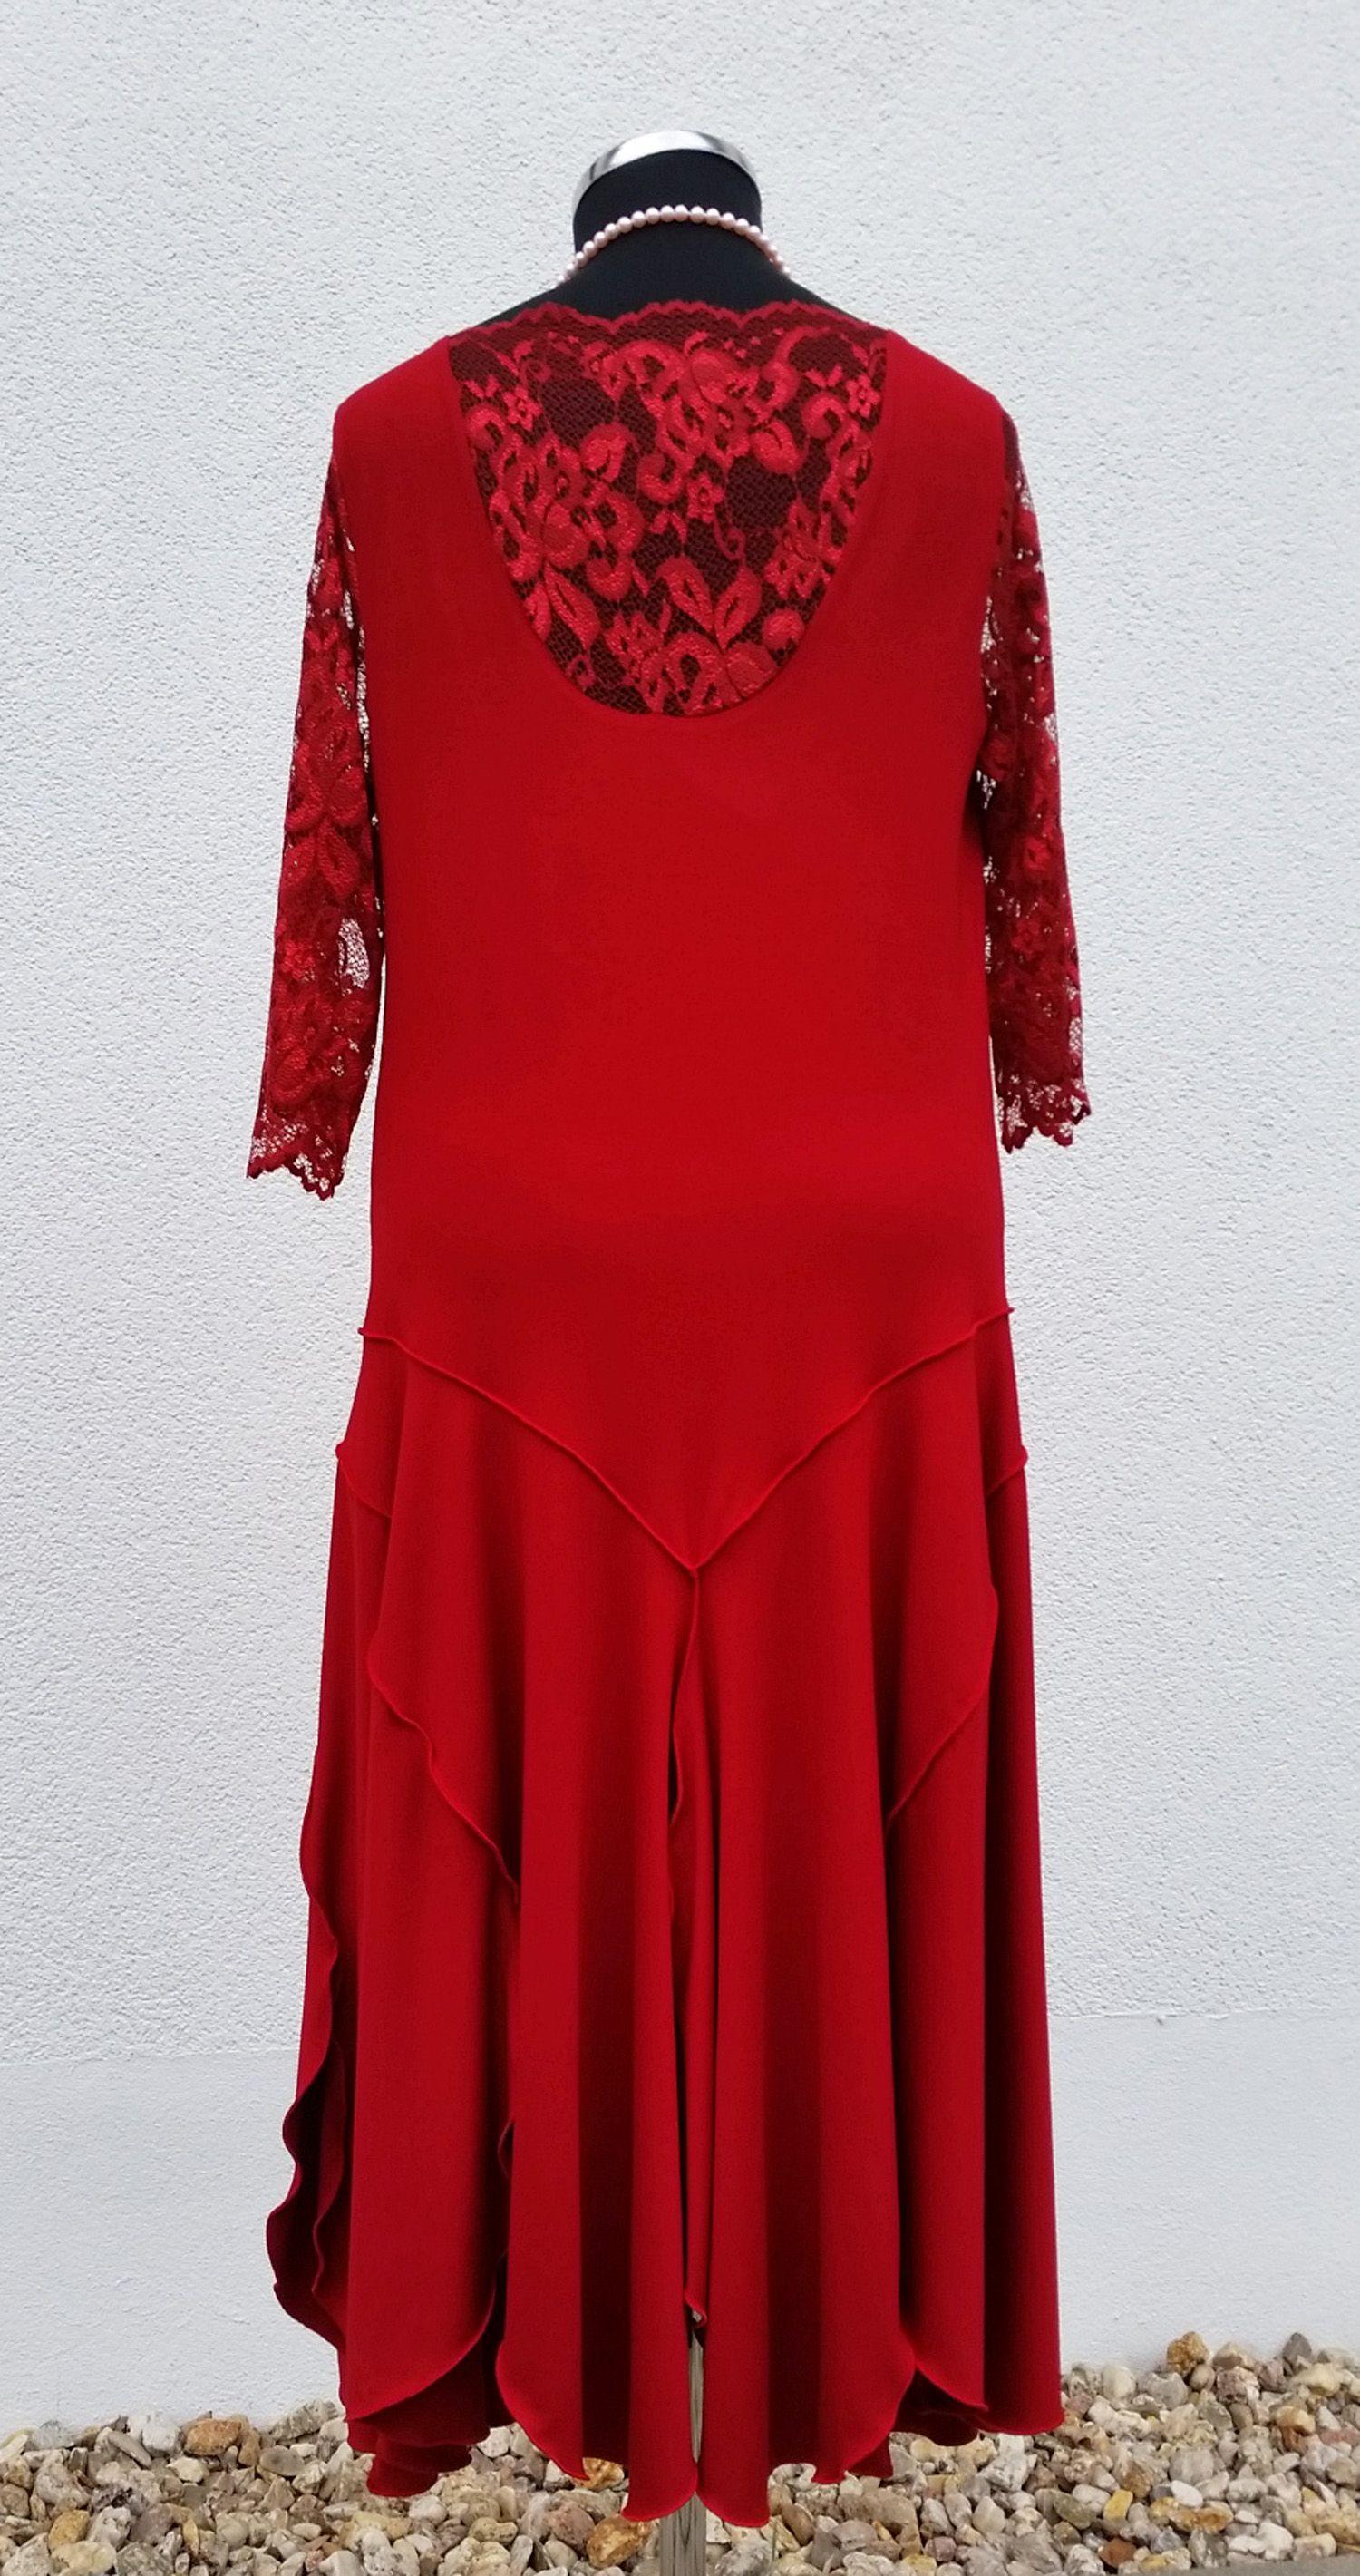 jersey kleid rot im 20er jahre stil rücken mit